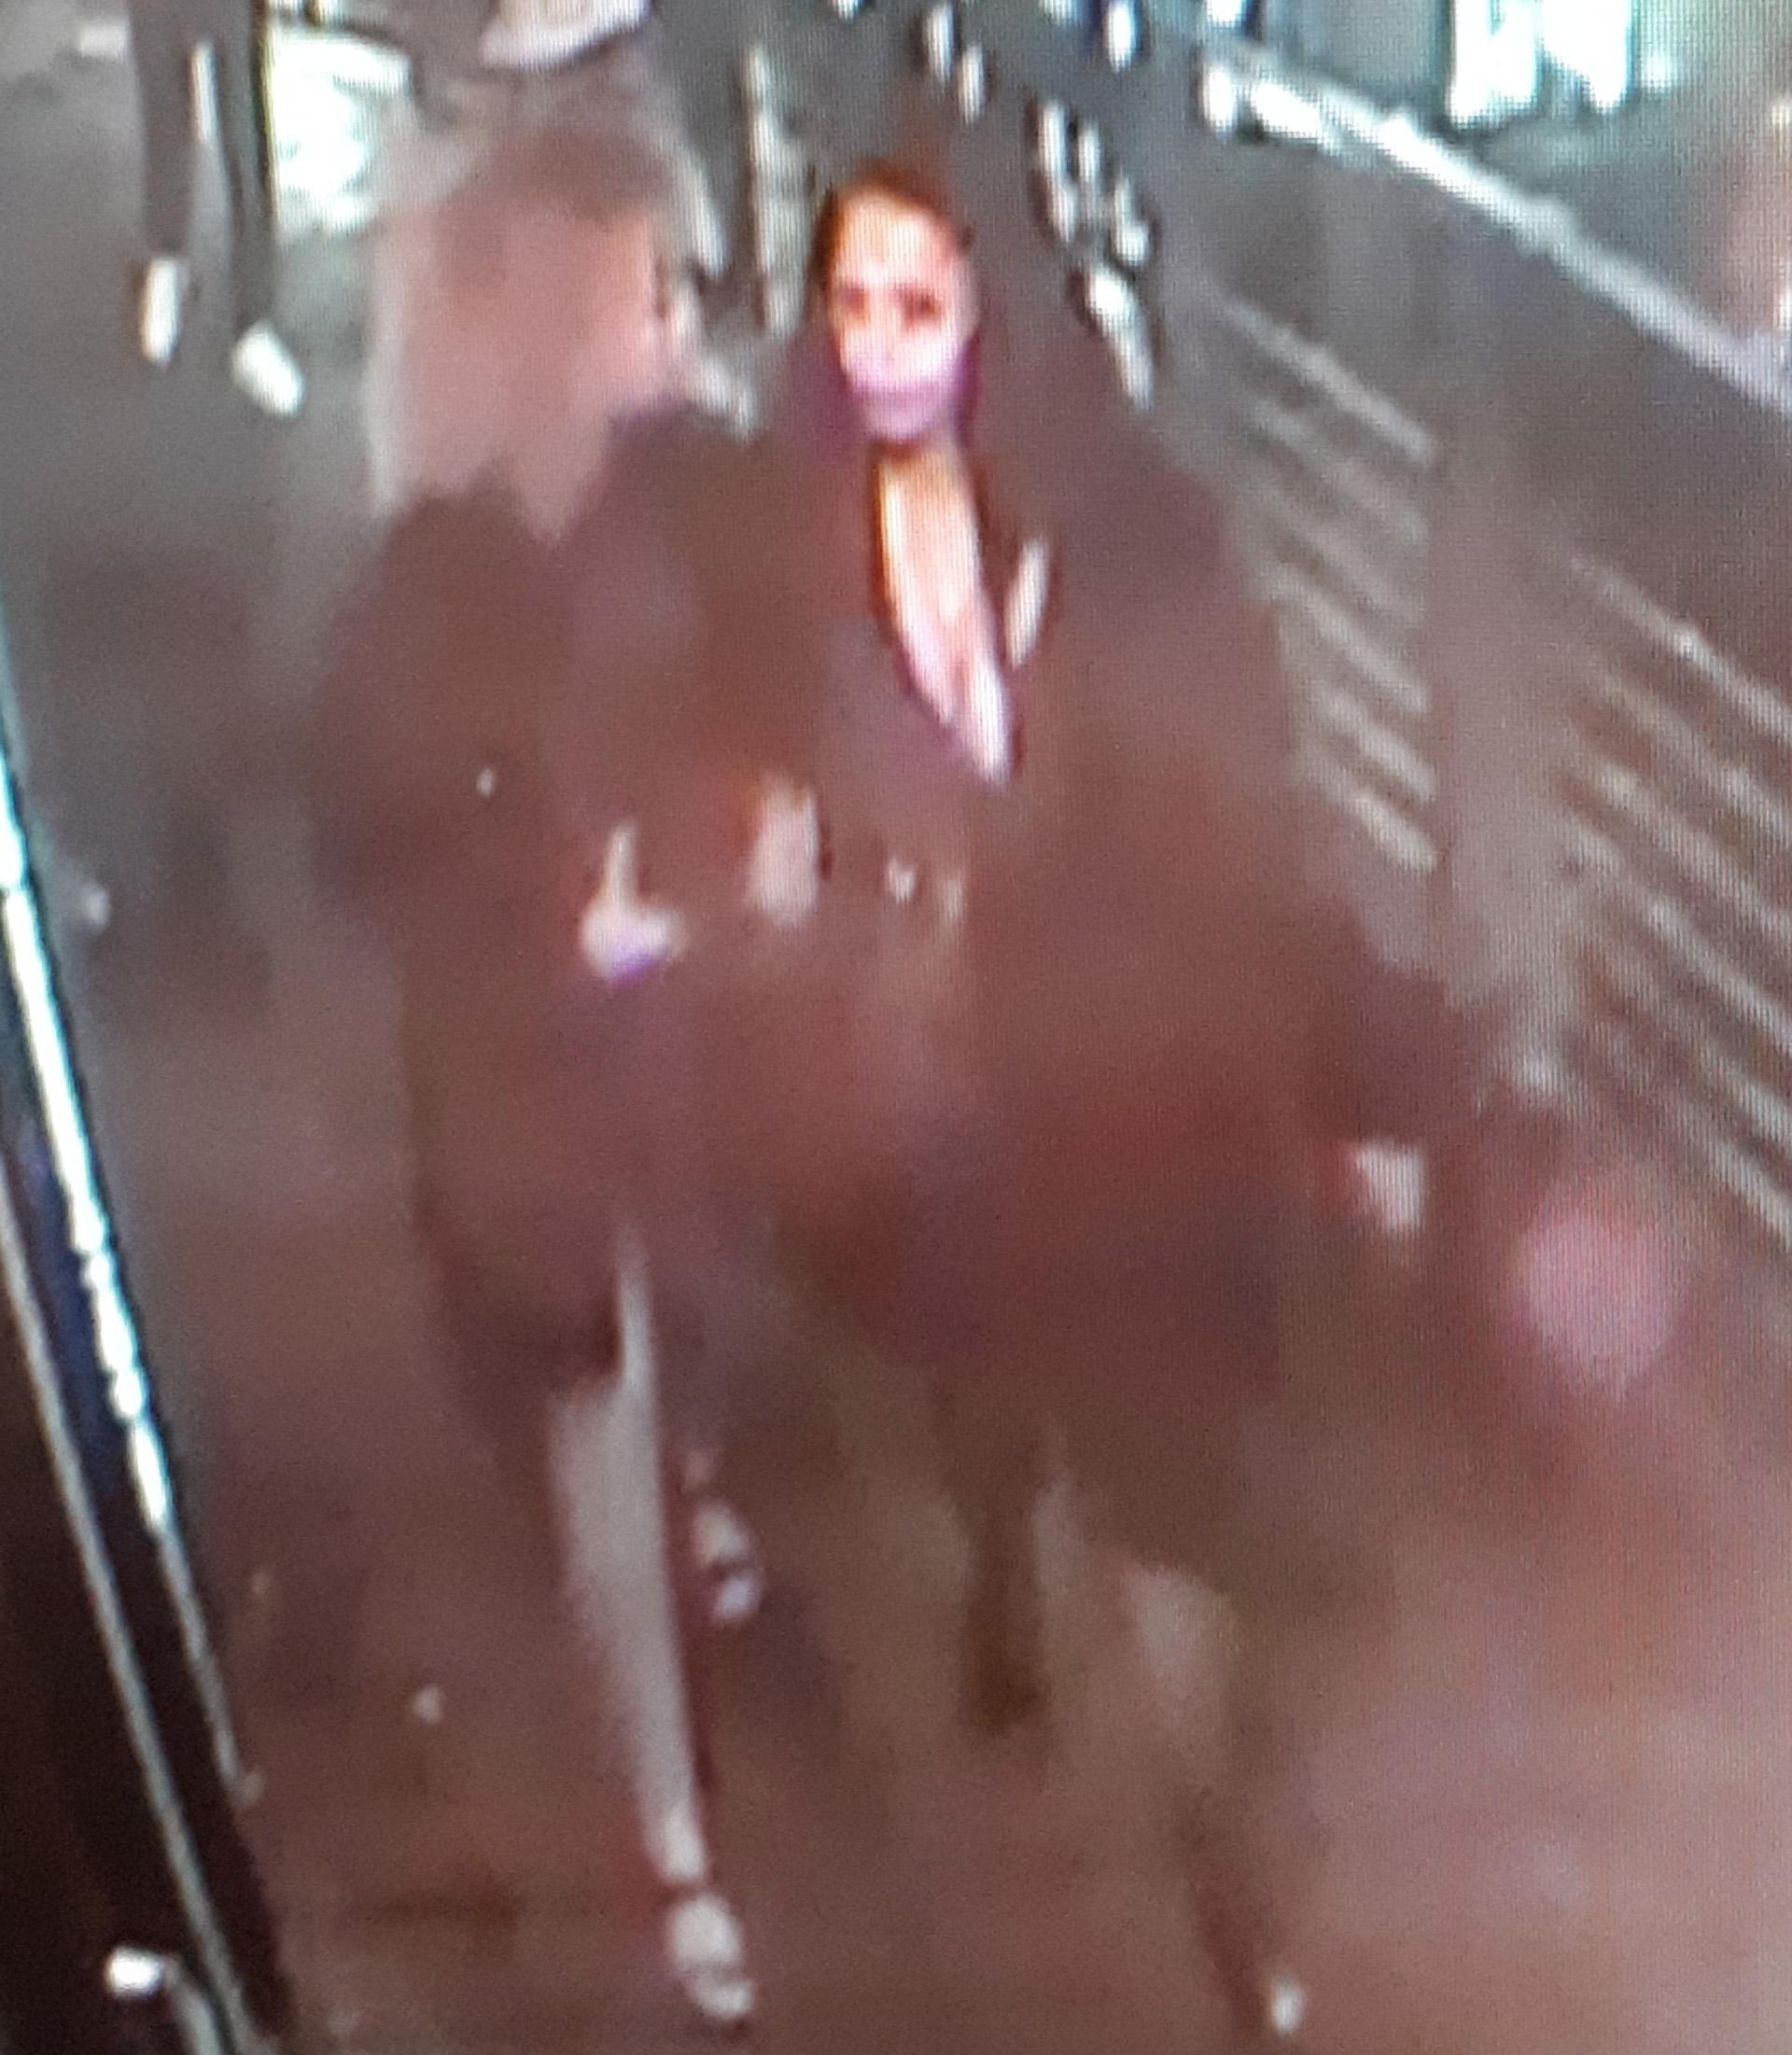 Kender du dem her? To kvinder efterlyses i voldssag